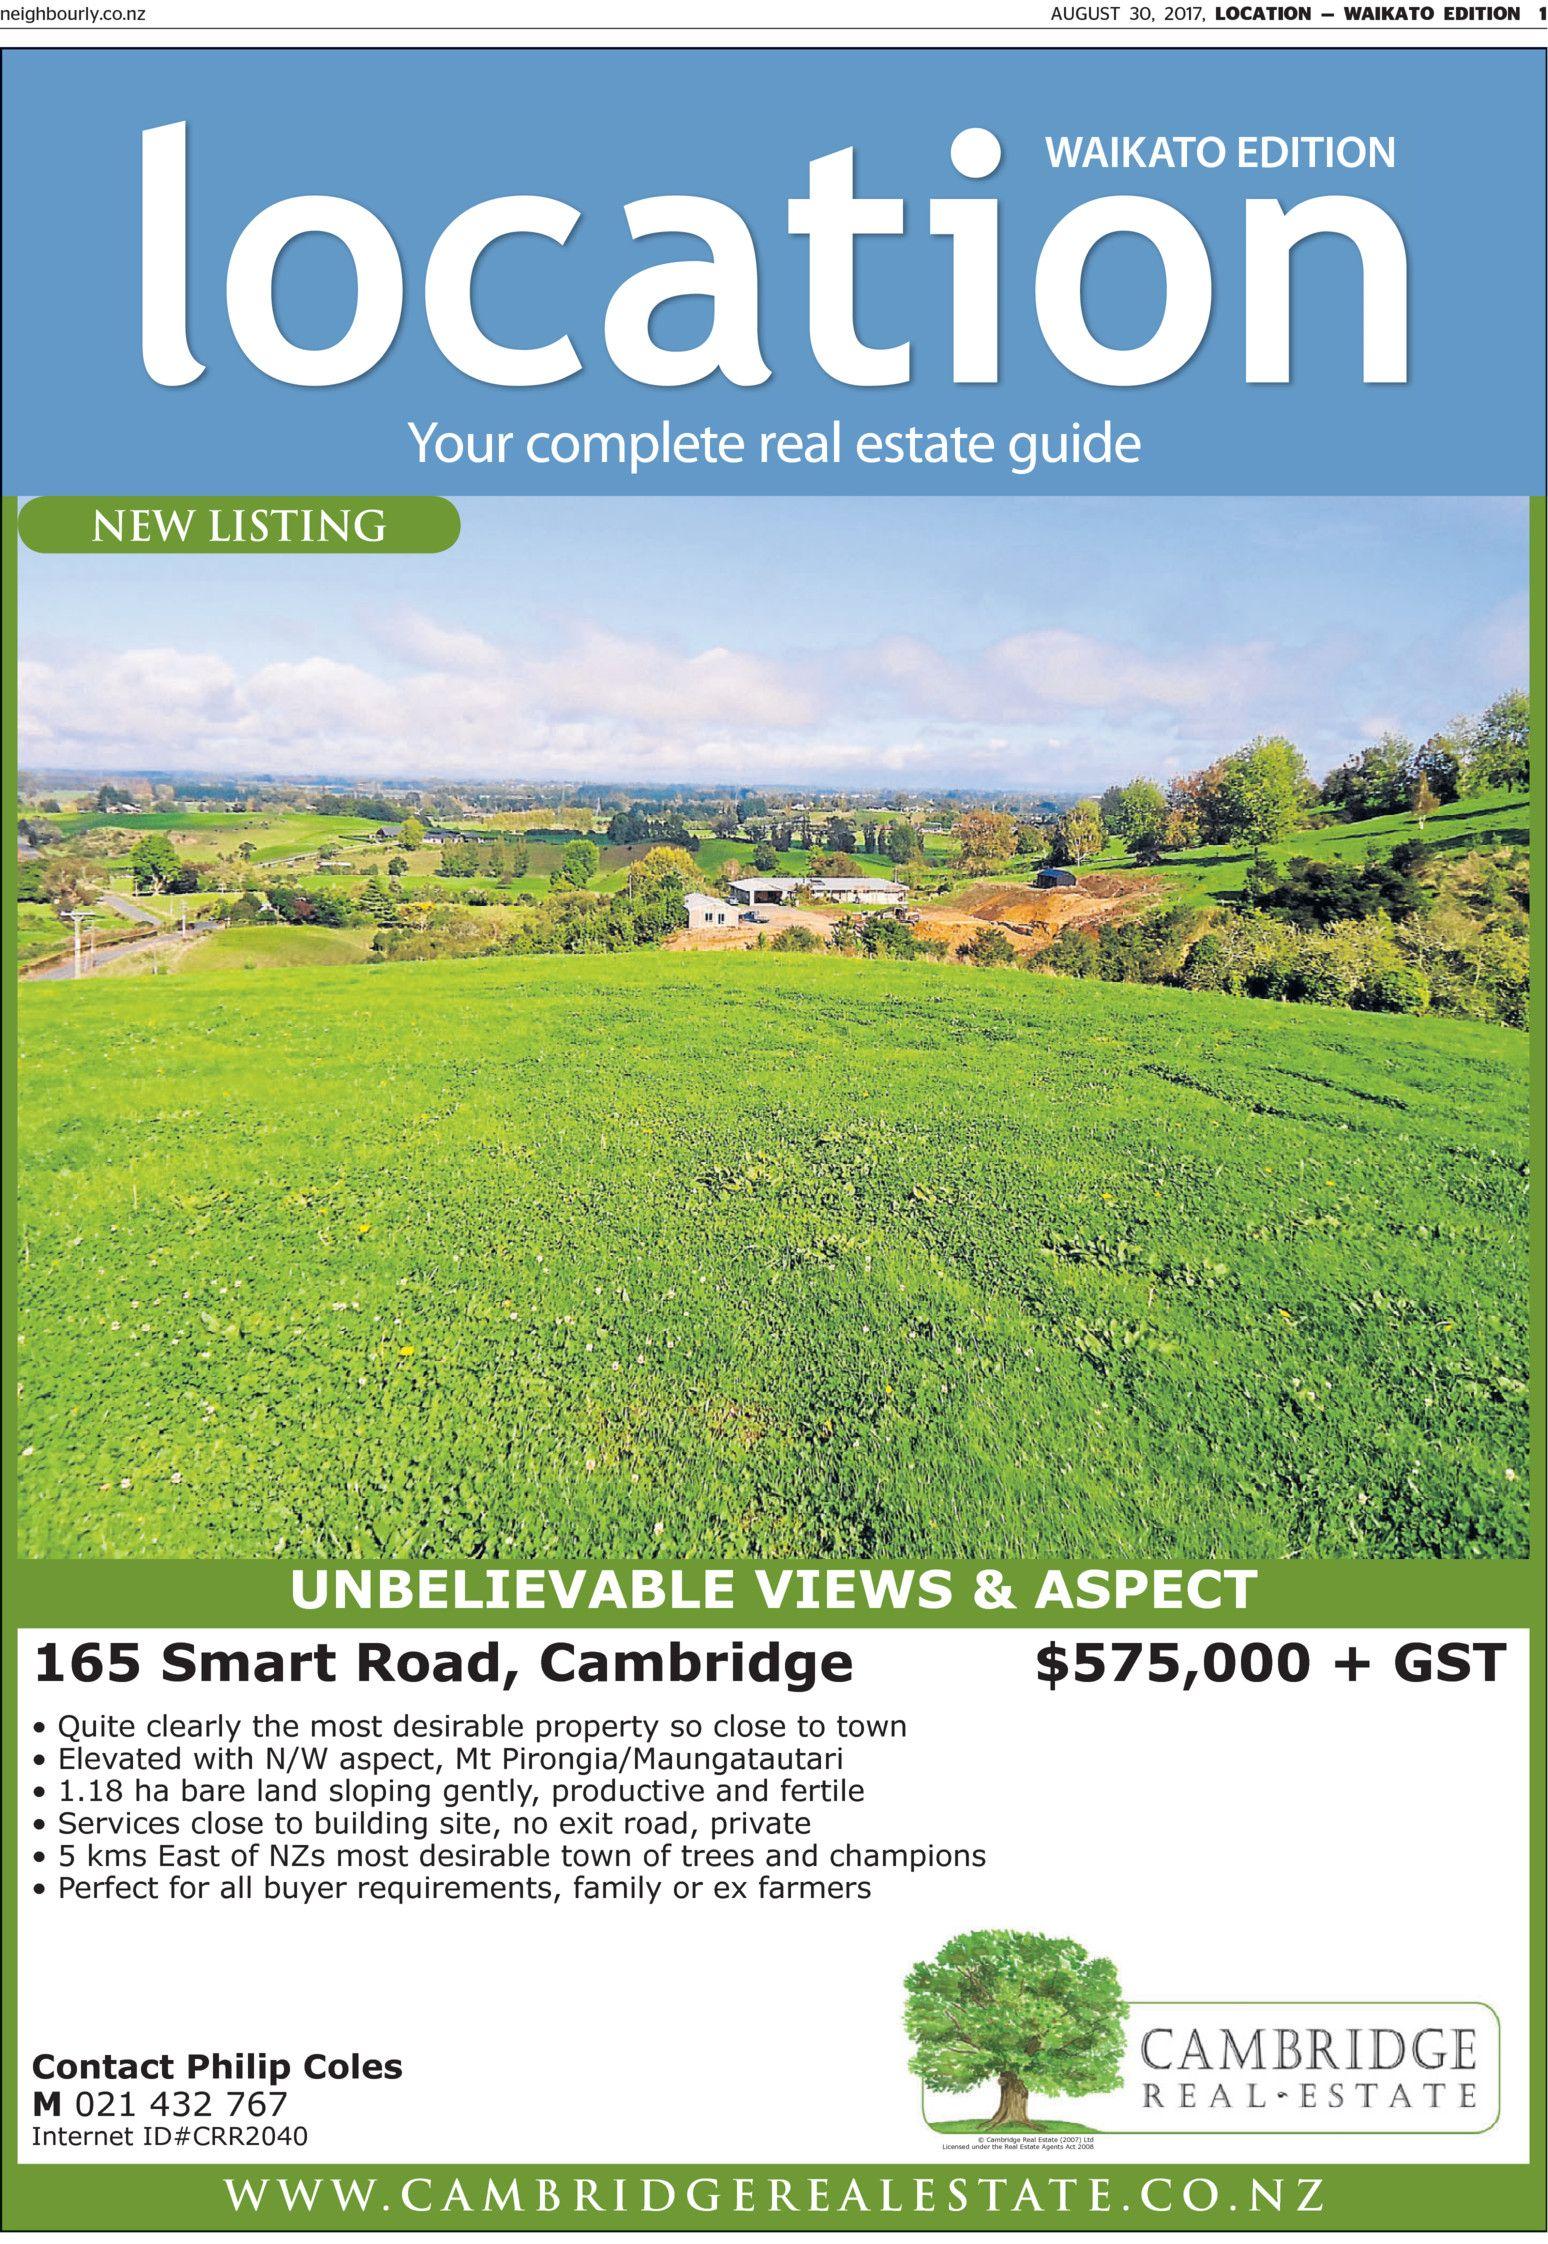 Location - Waikato - Read online on Neighbourly